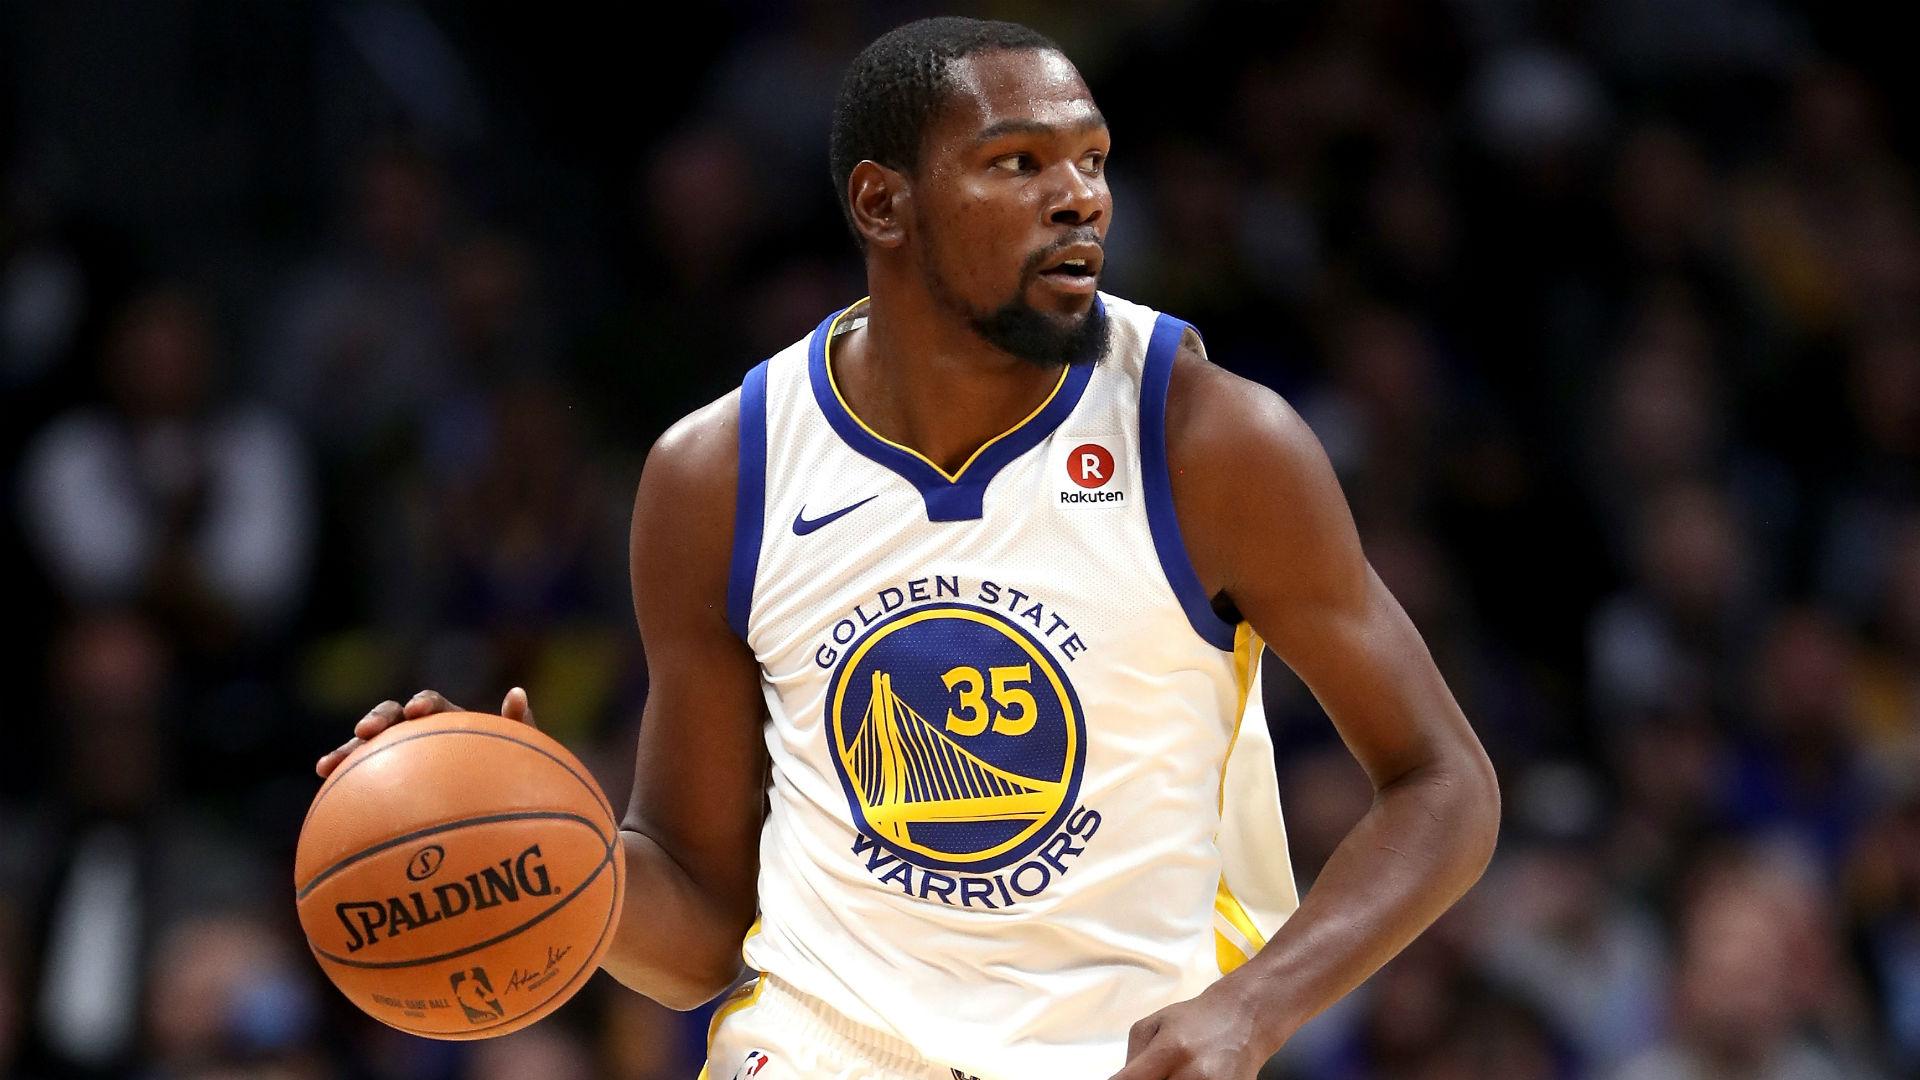 Голден Стэйт — Вашингтон. Прогноз на матч 25 октября 2018. НБА